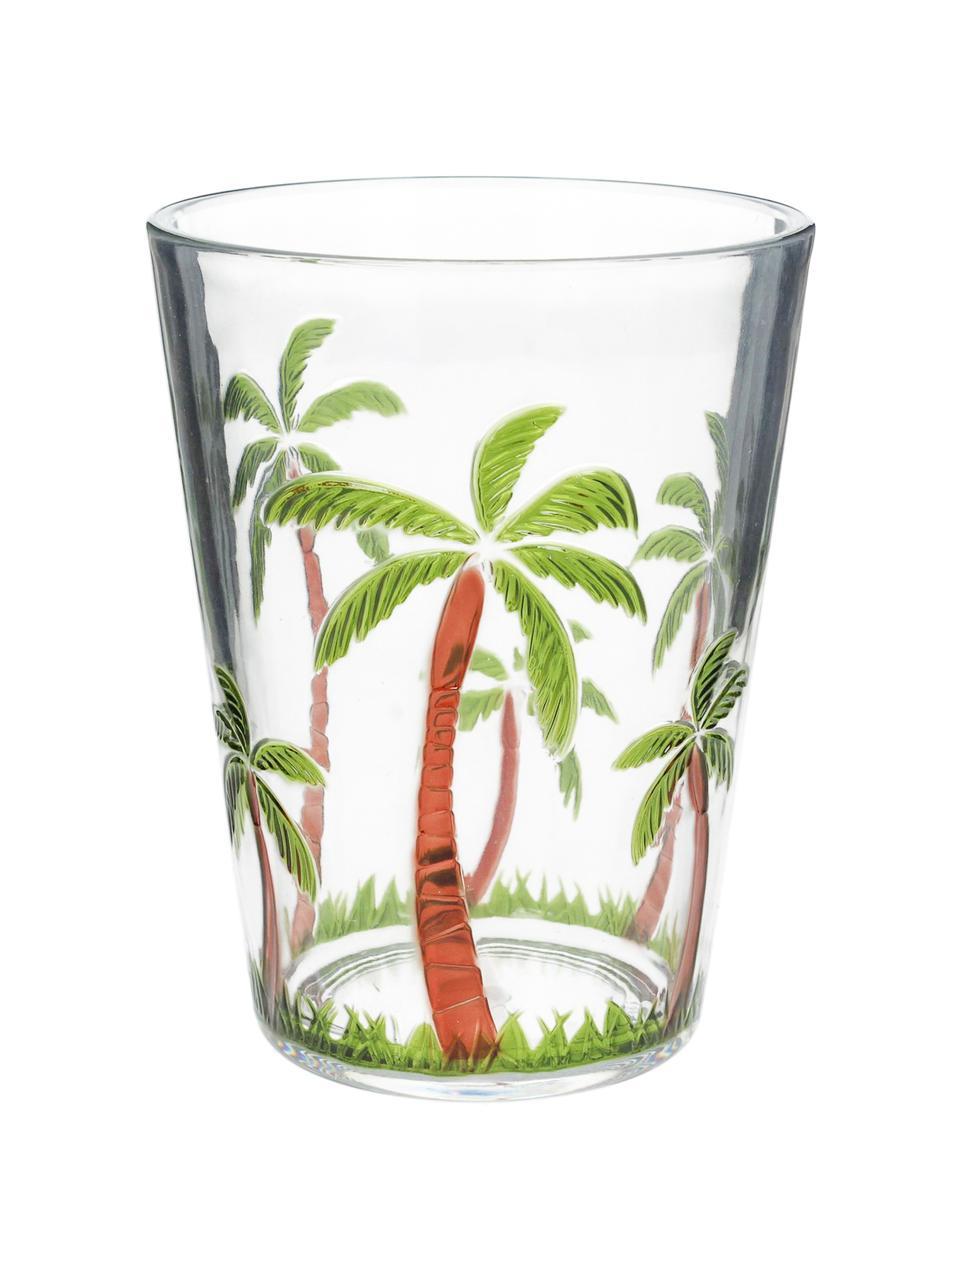 Szklanka do wody z akrylu Gabrielle, Akryl, Transparentny, zielony, brązowy, Ø 9 x W 12 cm